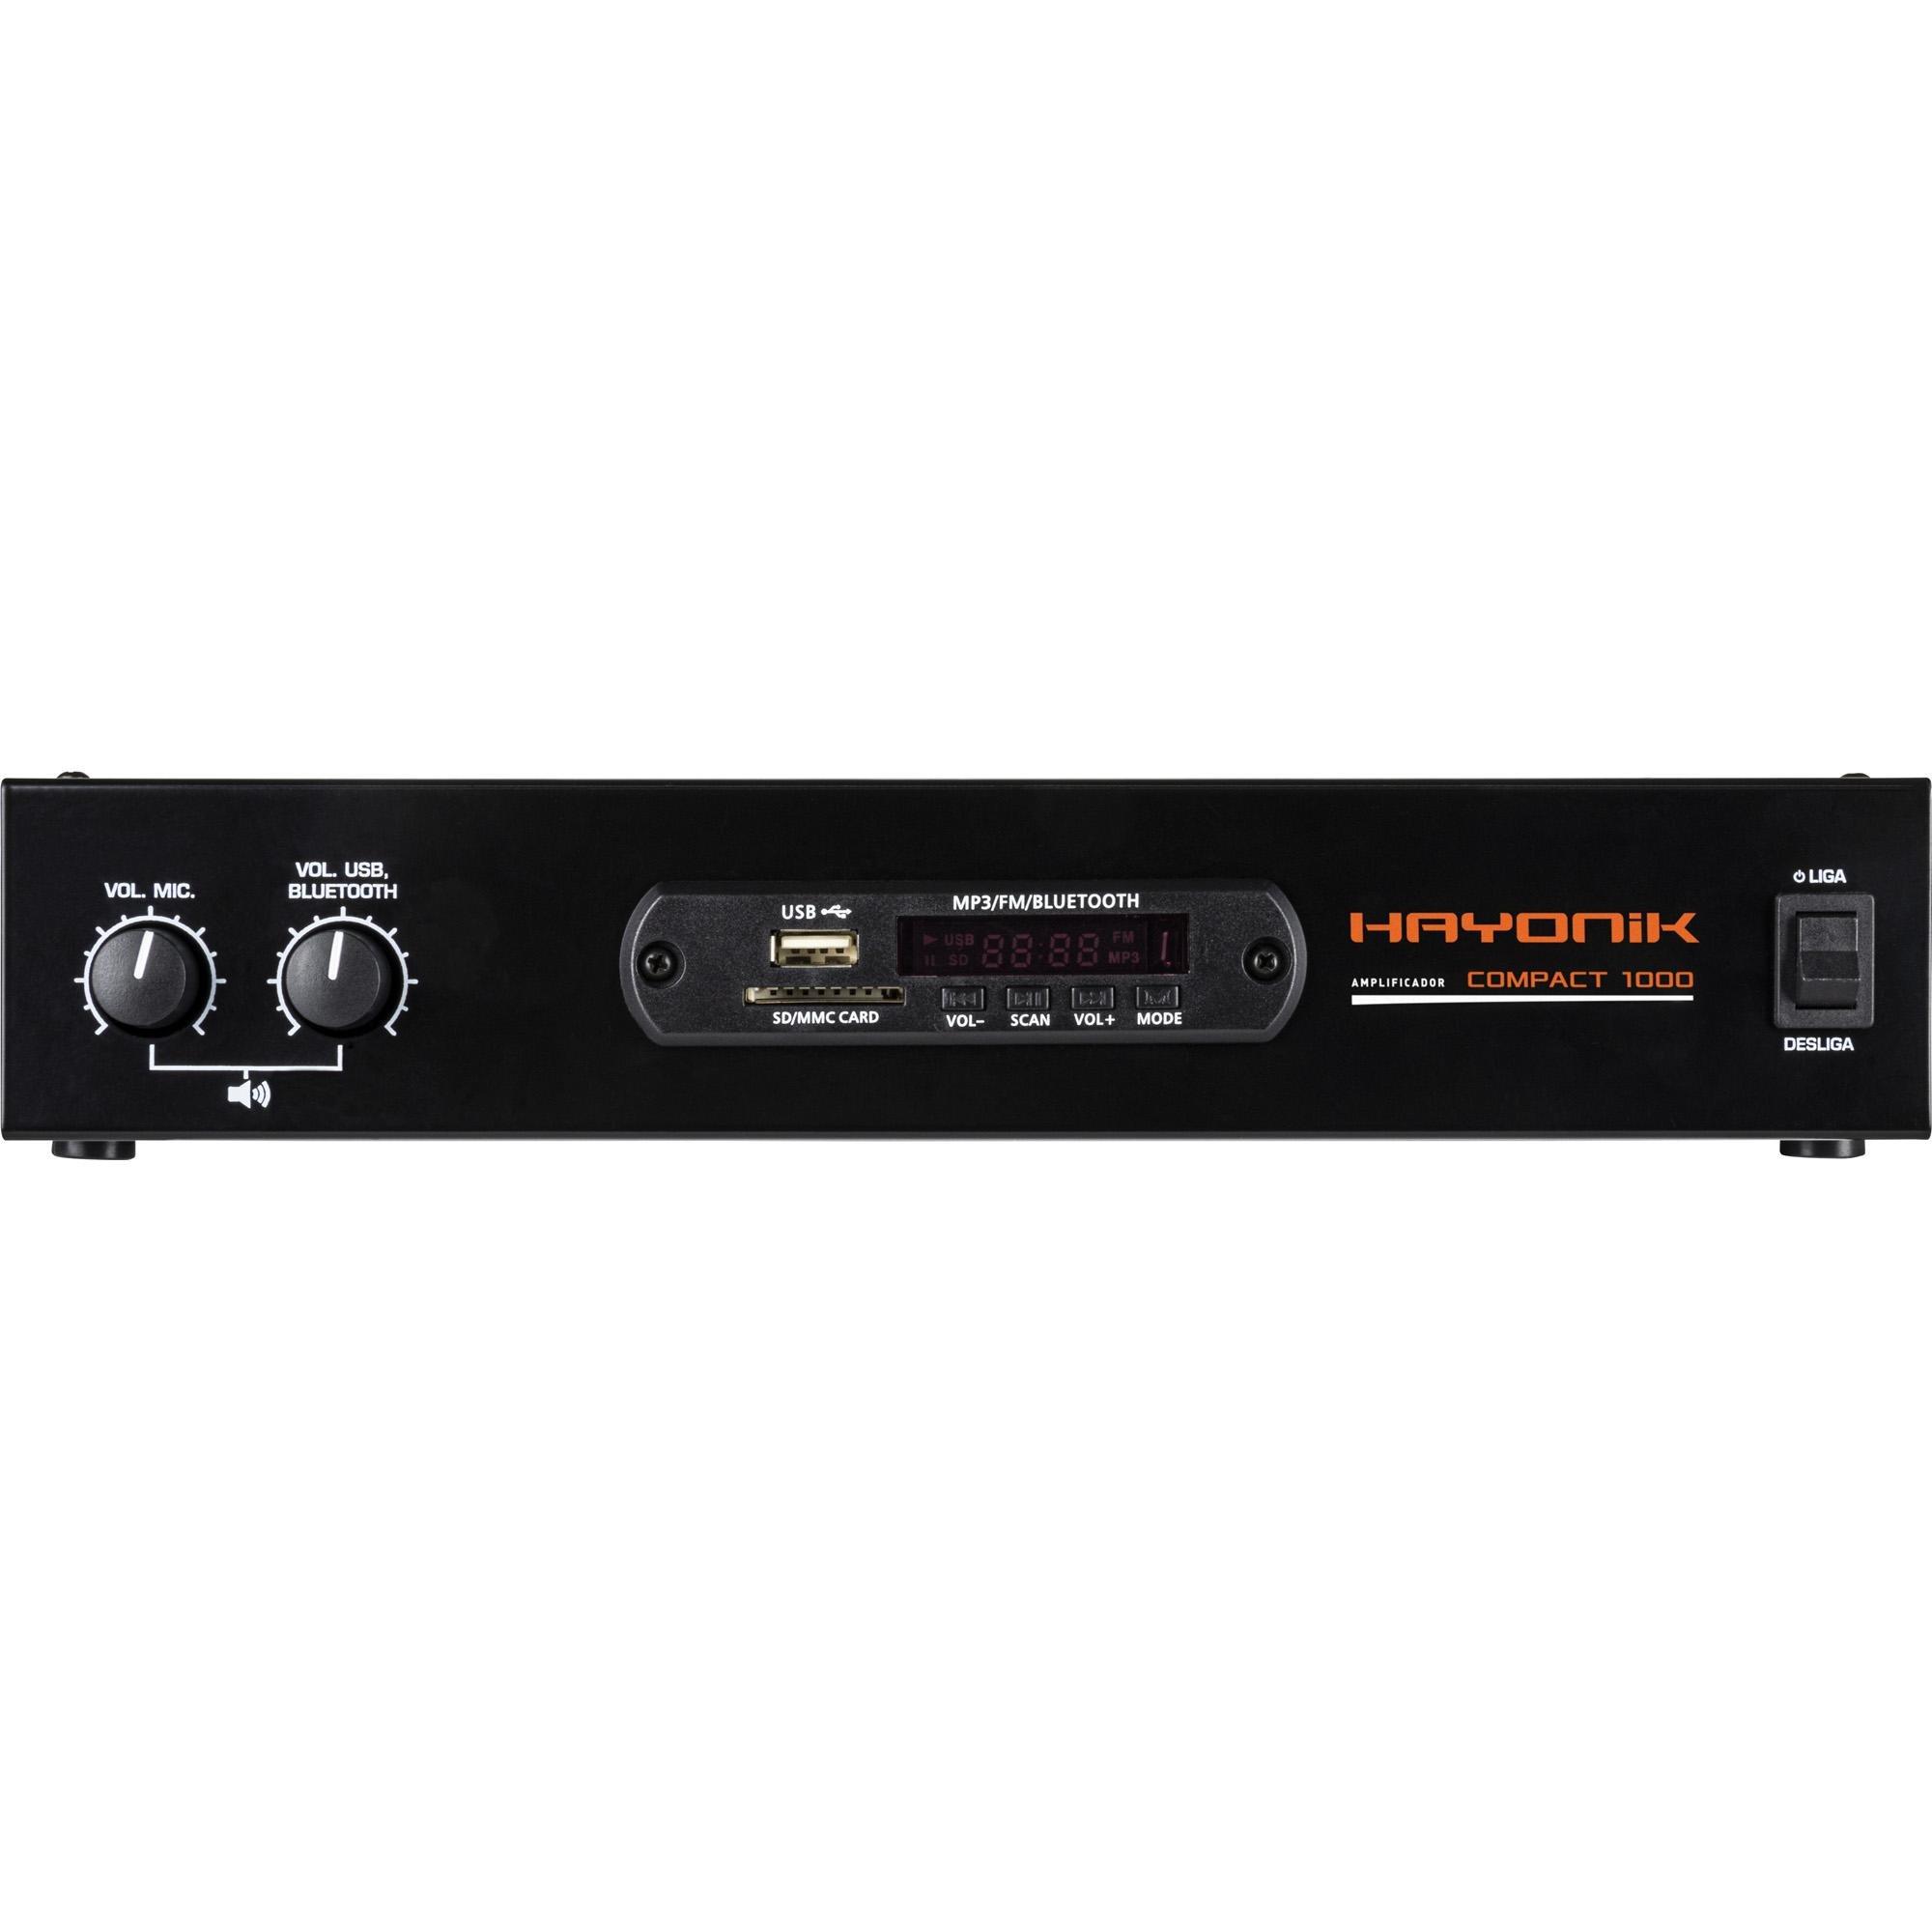 AMPLIFICADOR HAYONIK COMPACT 1000 80W 4R (068140)